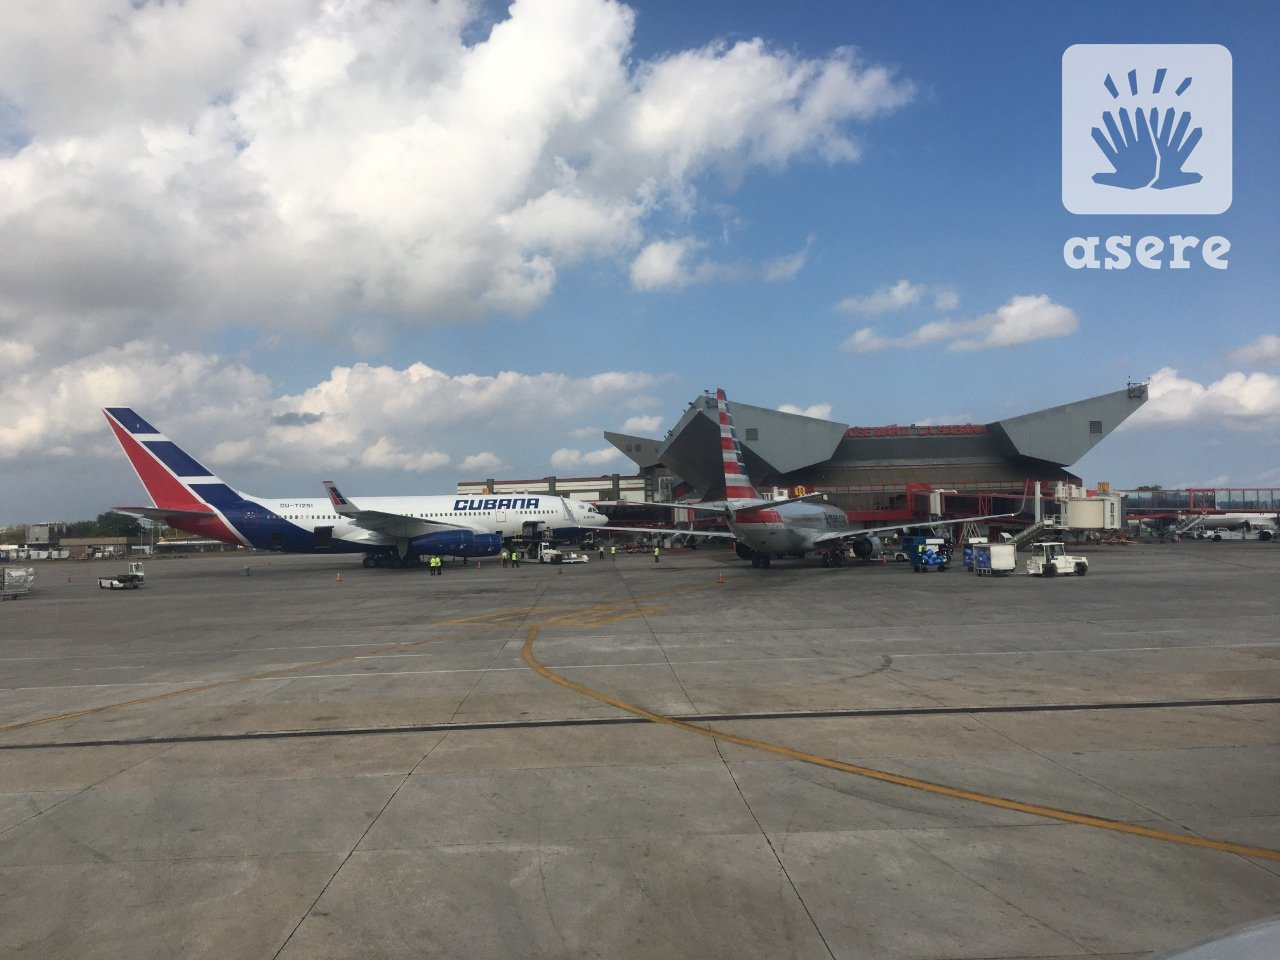 Aeropuerto José Martí (ASERE)